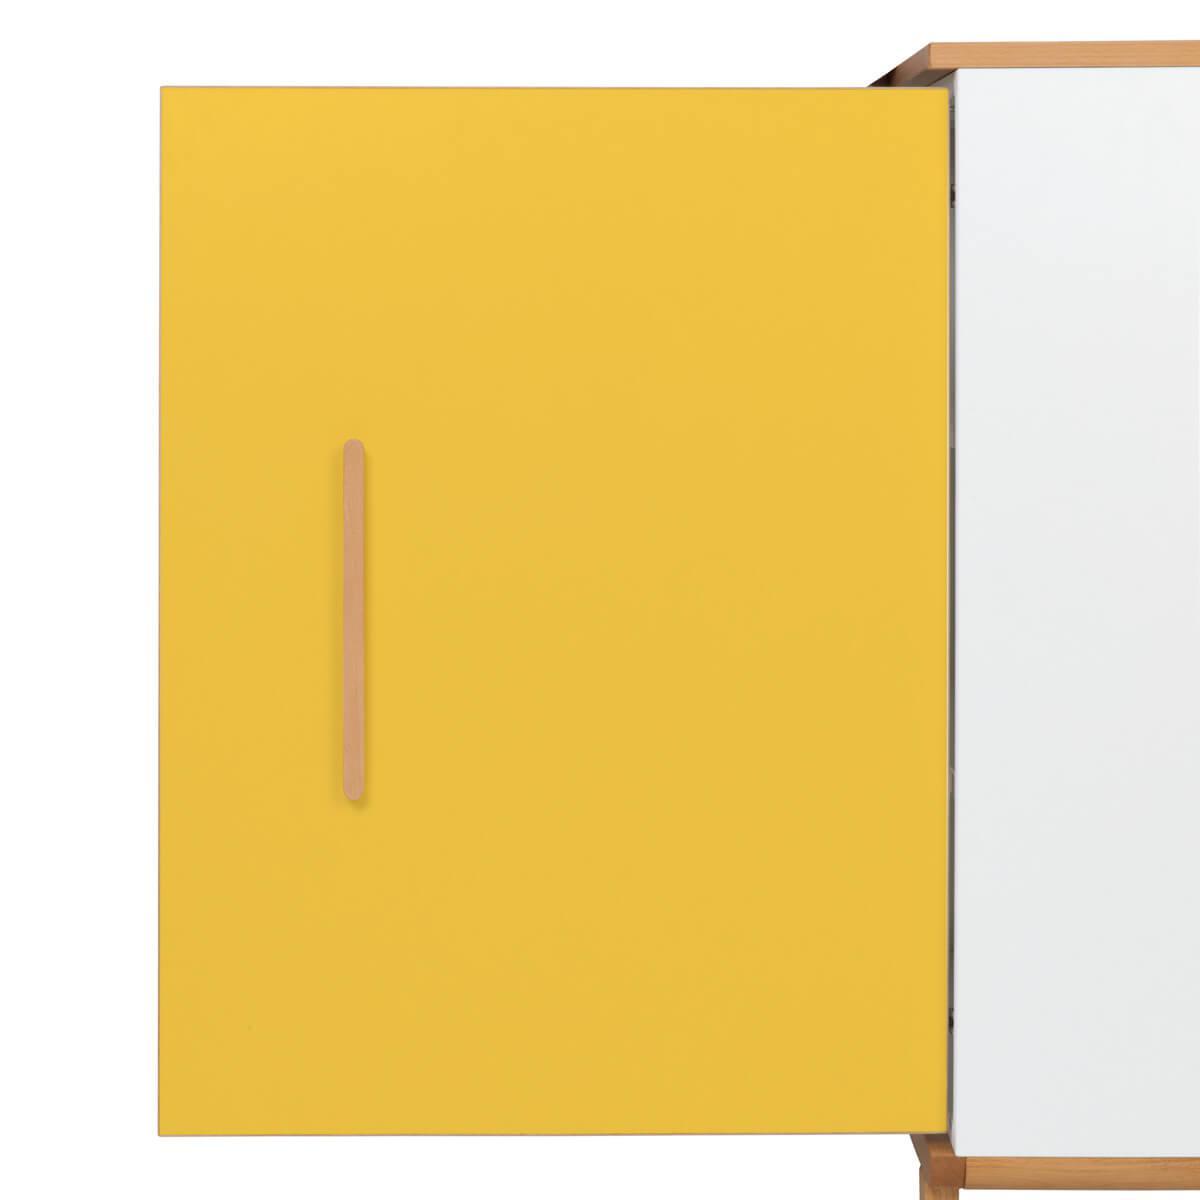 Puerta M NADO sunshine yellow